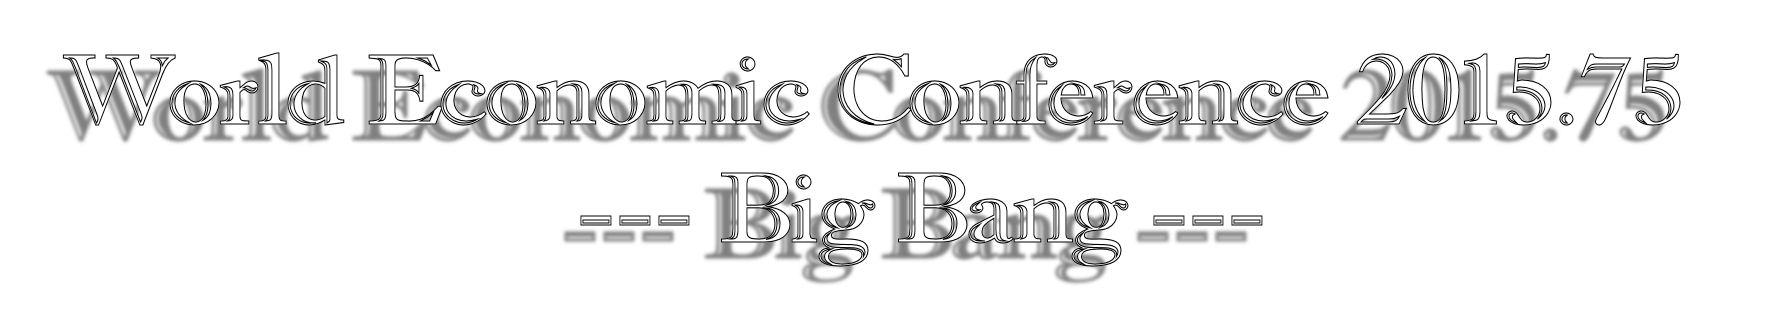 WEC-2015-BigBang